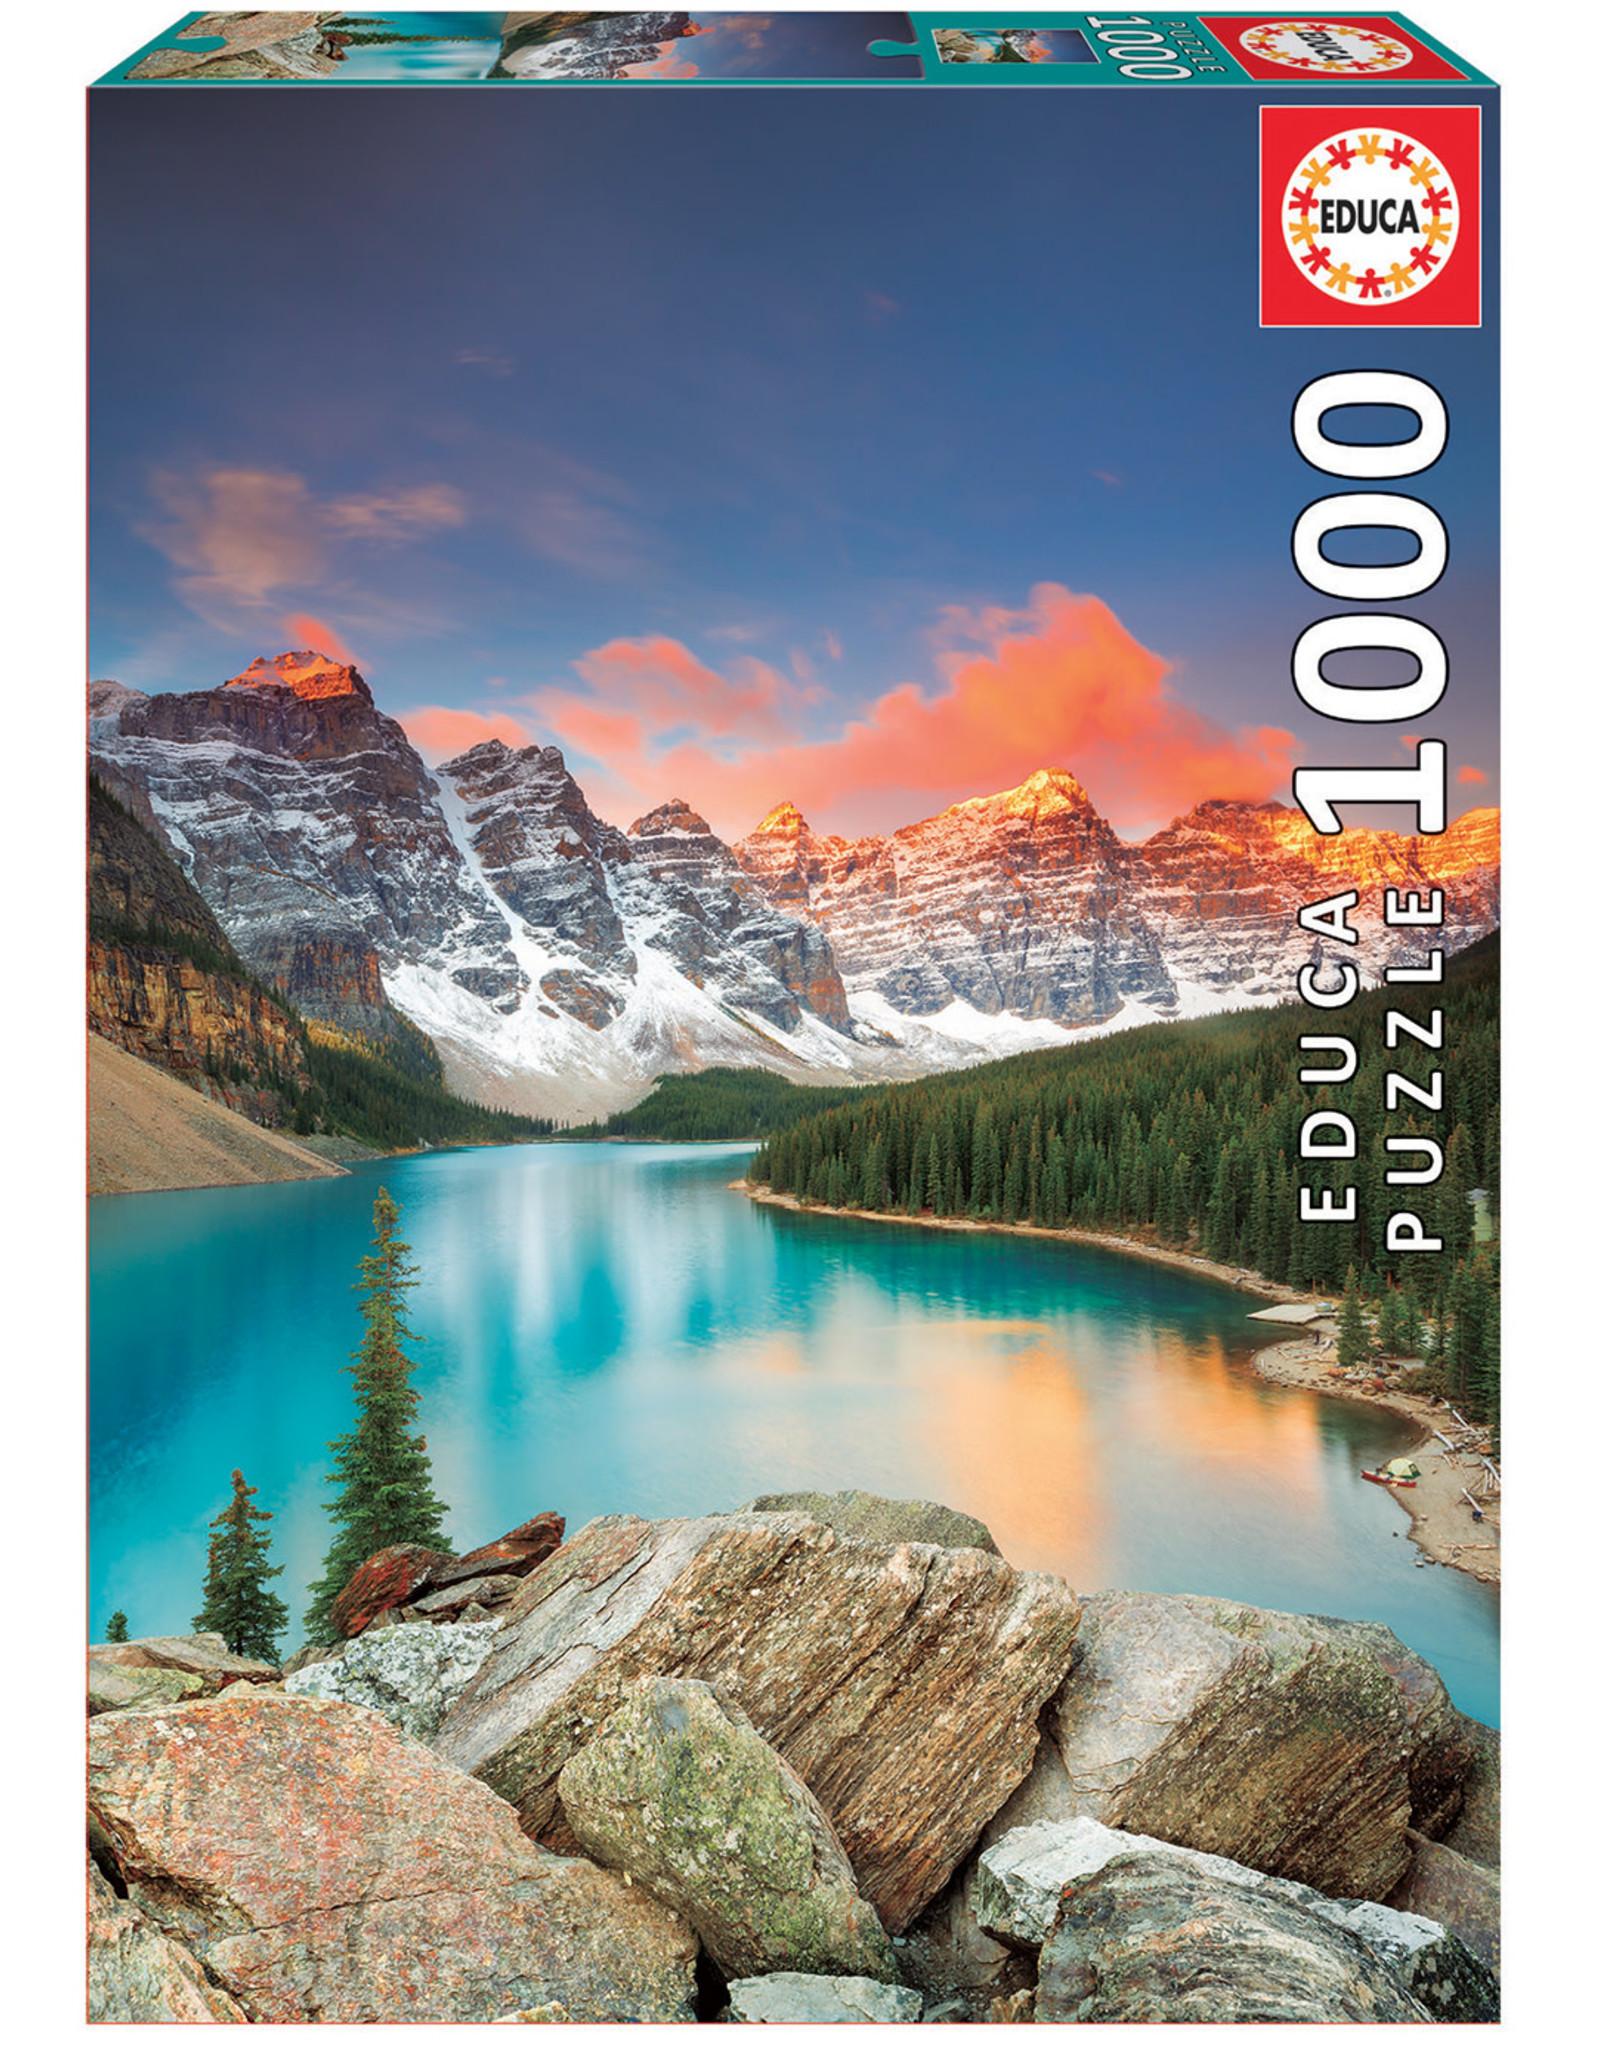 Educa Moraine Lake Banff 1000pc Puzzle